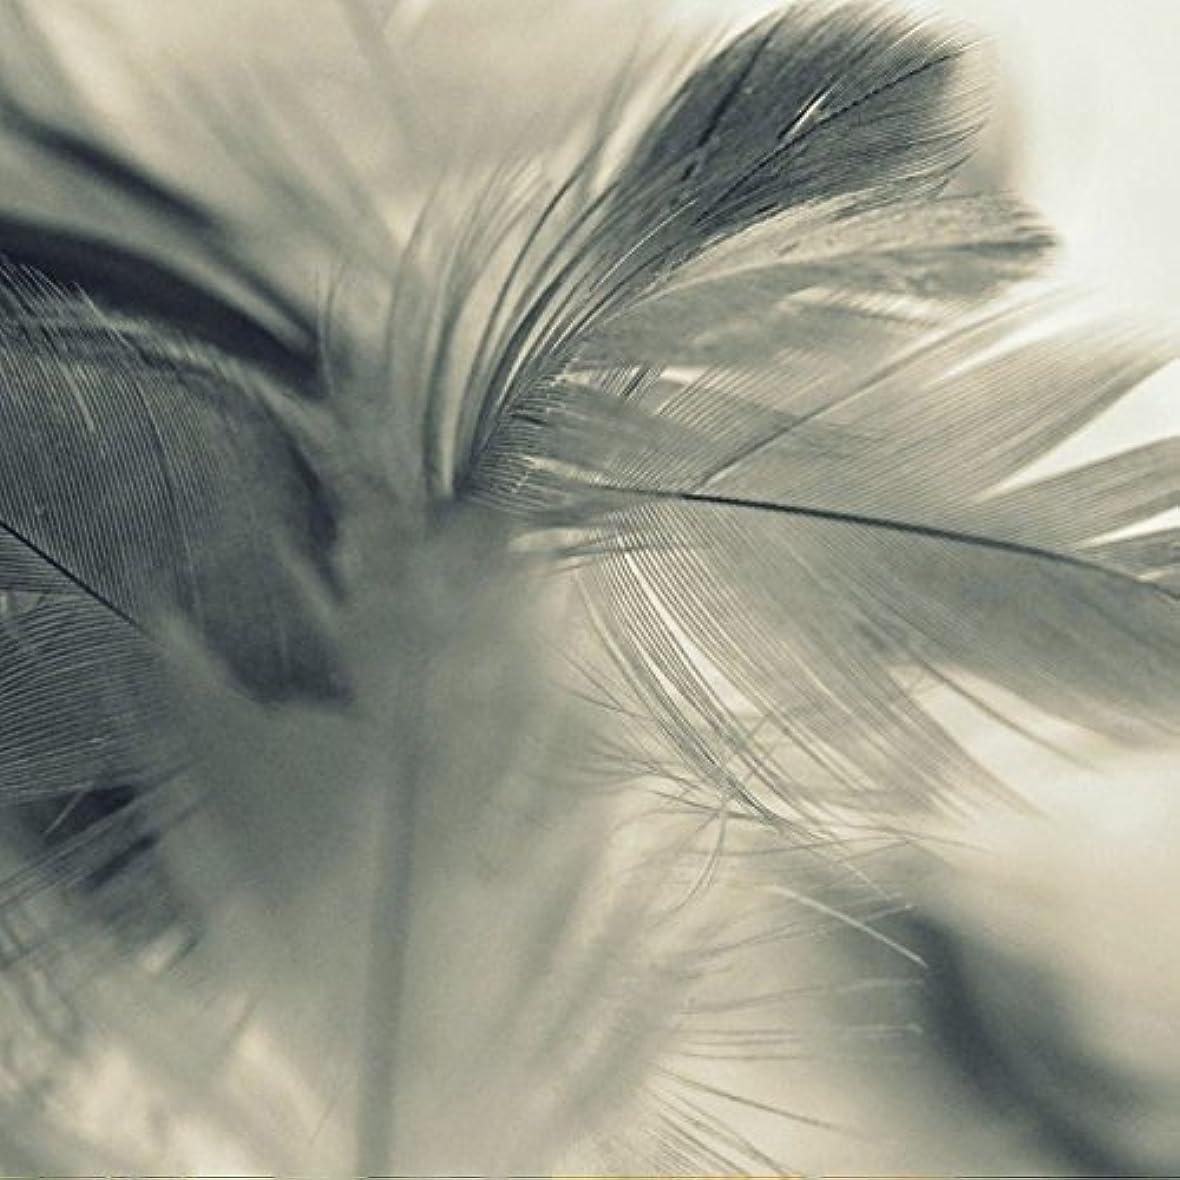 スラム街ゴールデンのためアロマフレグランスオイル エンジェルウィングス(Angel Wings)